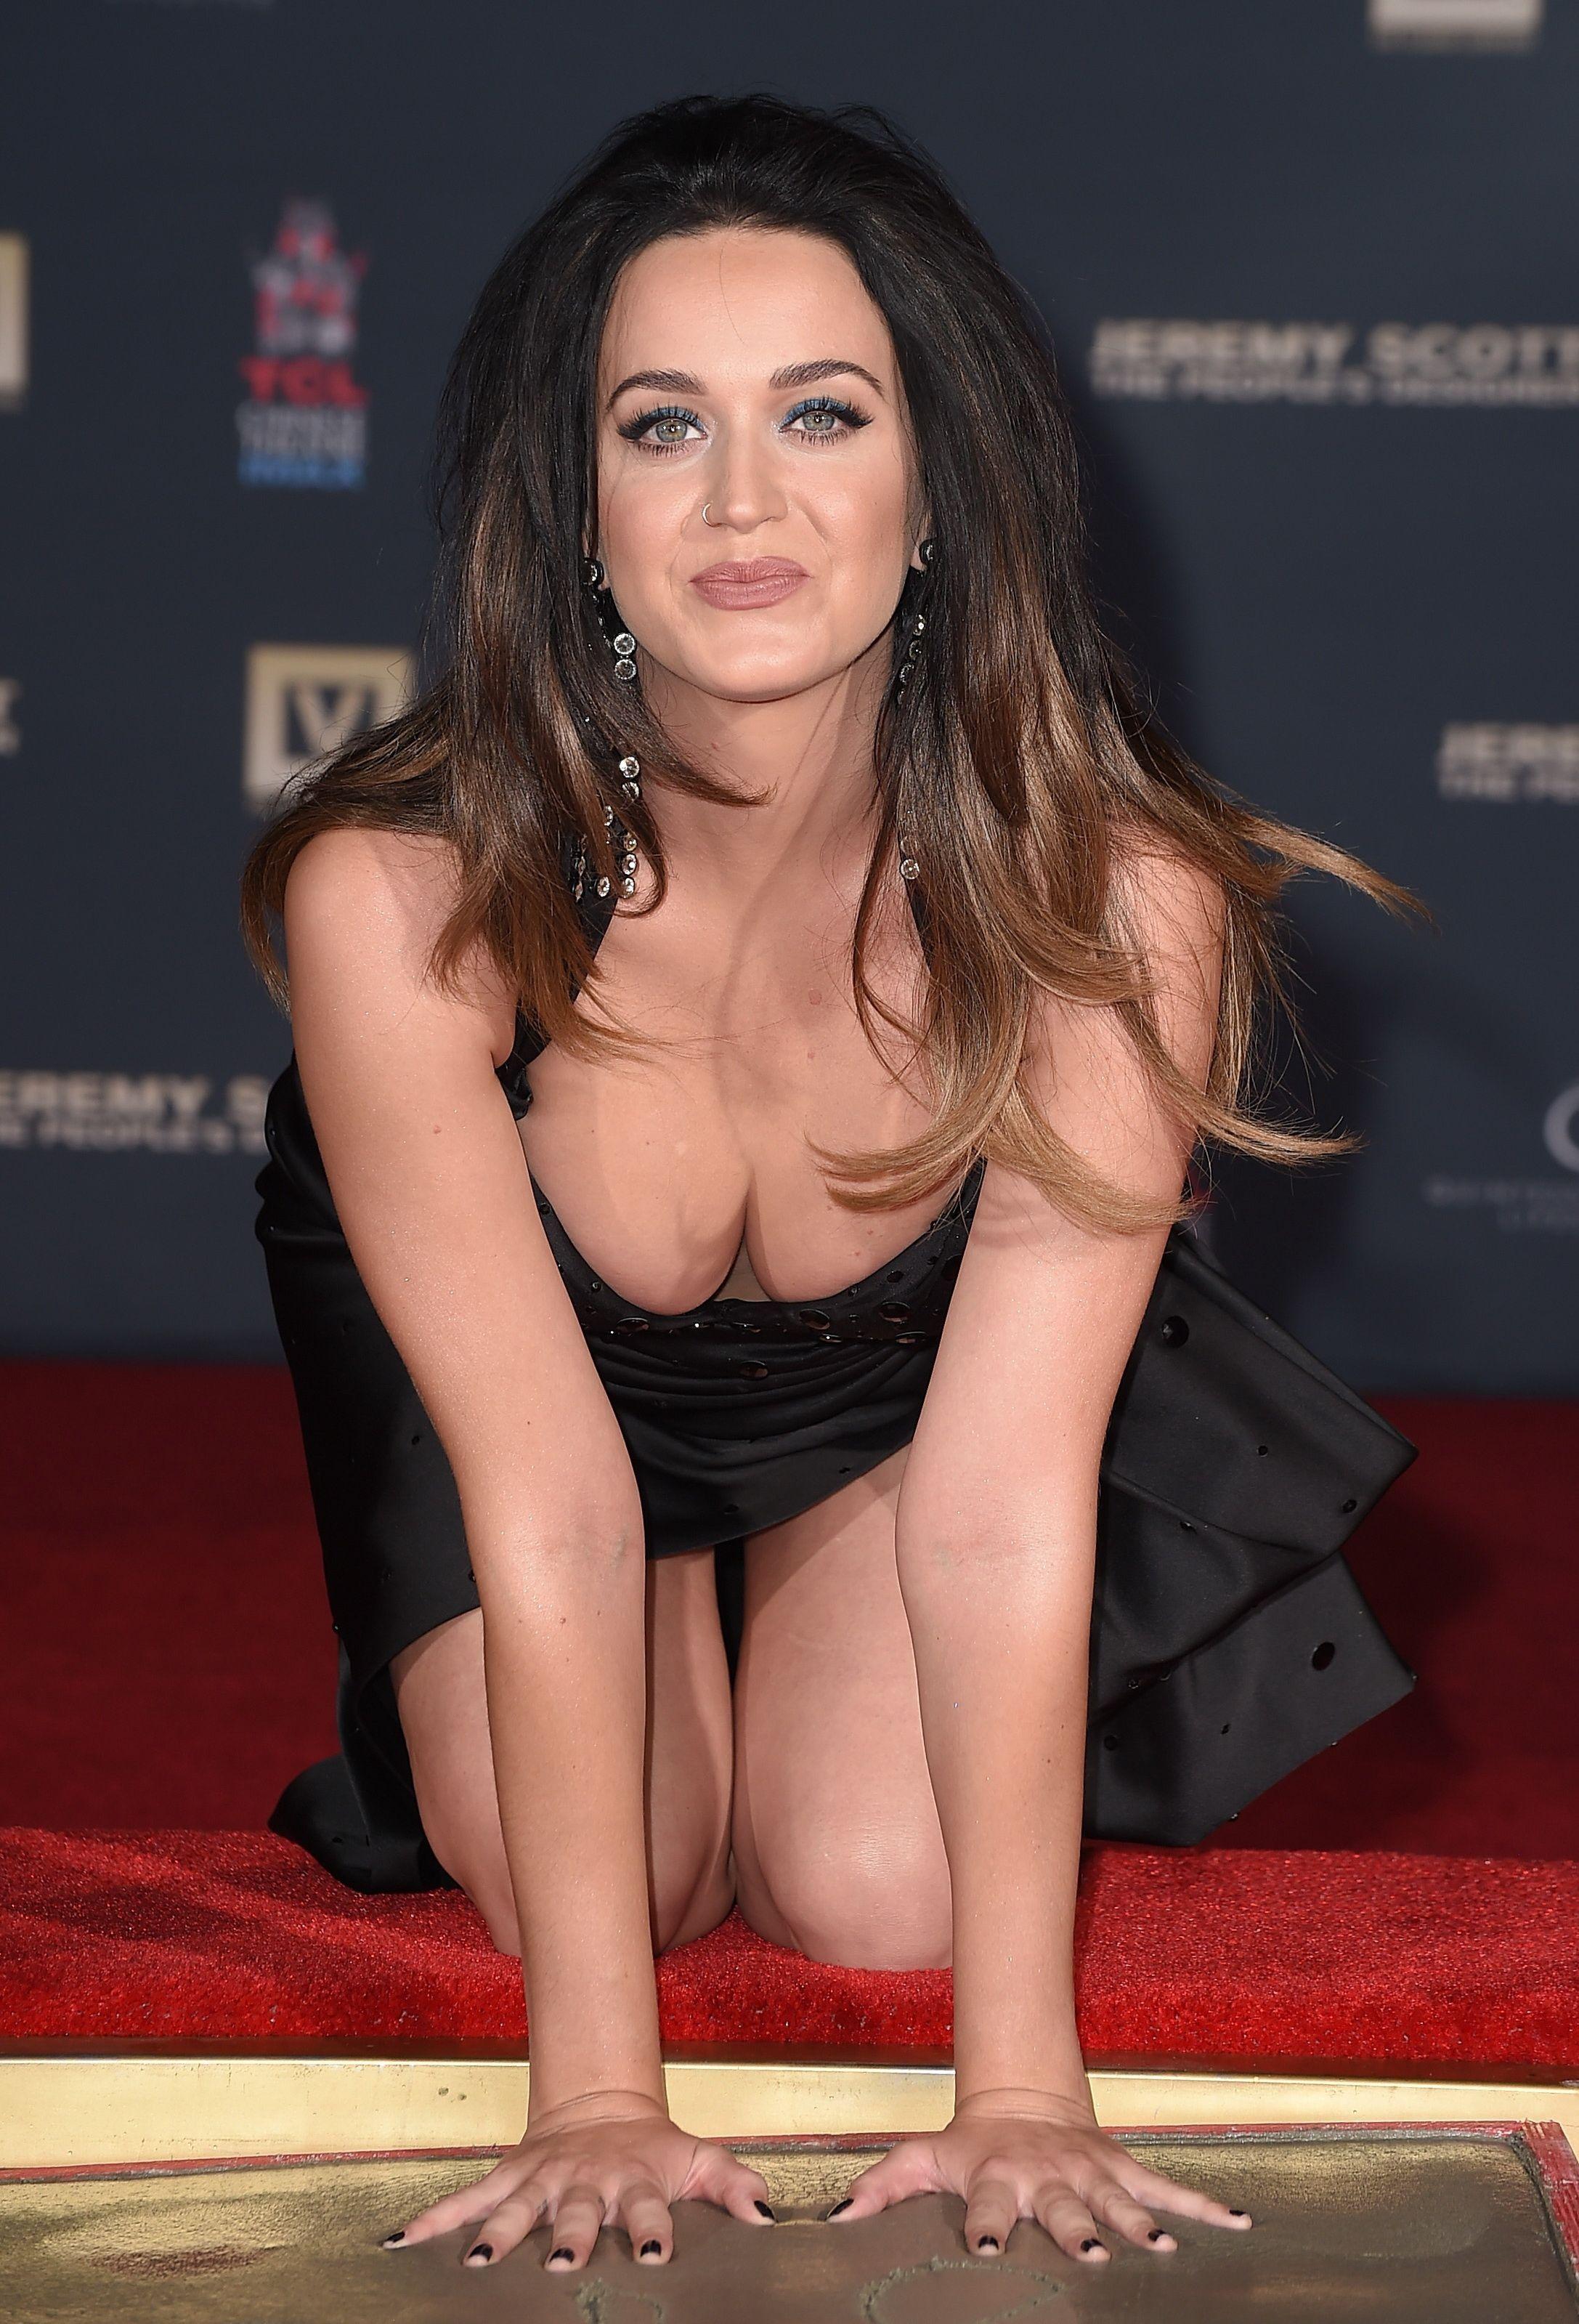 Güzel şarkıcı Katy Perry sexy siyah elbisesi ile göğüslerini öne çıkaran çok cesur pozlar verdi. Dünyanın en seksi ünlü kadınlarının resimleri bu sitede tıklayın